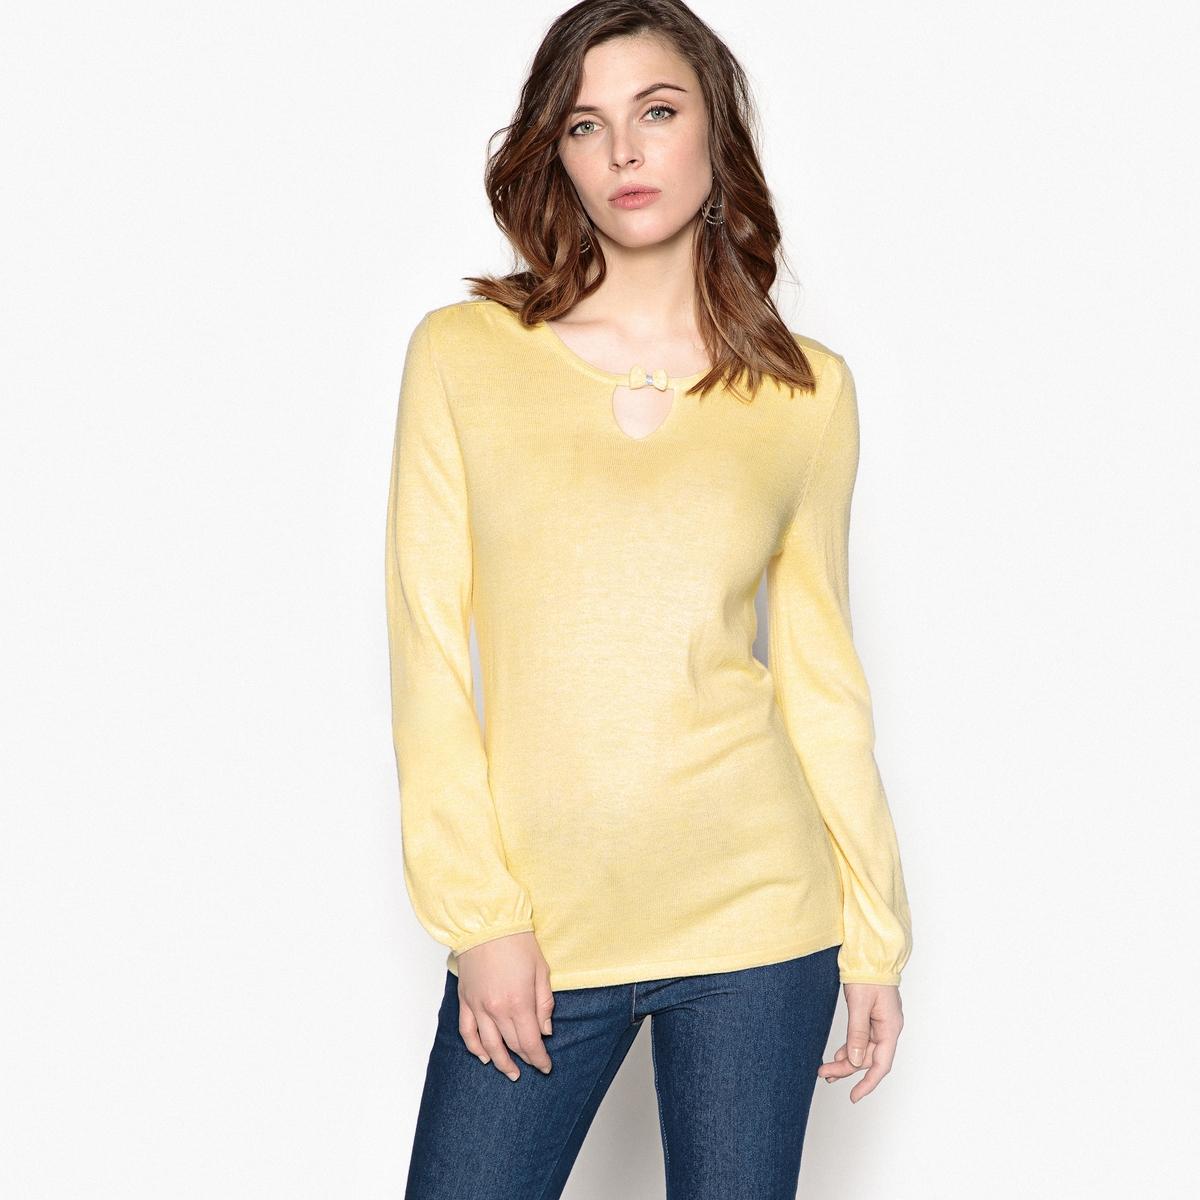 Пуловер с круглым вырезом из тонкого трикотажа, 10% шерстиОписание:Пуловер с круглым вырезом из тонкого трикотажа. Очень женственный пуловер благодаря оригинальной застежке-капельке с небольшим бантом. Длинные рукава, манжеты на резинке.Детали •  Длинные рукава •  Круглый вырез •  Тонкий трикотажСостав и уход •  10% шерсти, 66% акрила, 24% полиамида •  Температура стирки 30° на деликатном режиме   •  Гладить при низкой температуре / не отбеливать •  Не использовать барабанную сушку •  Сухая чистка запрещена  •  Отделка металлизированной нитью серебристого цвета выреза, низа и манжет. Вставки с небольшими складками на плечах. Приспущенные плечевые швы. •  Длина  : 63,5 см<br><br>Цвет: желтый,темно-синий